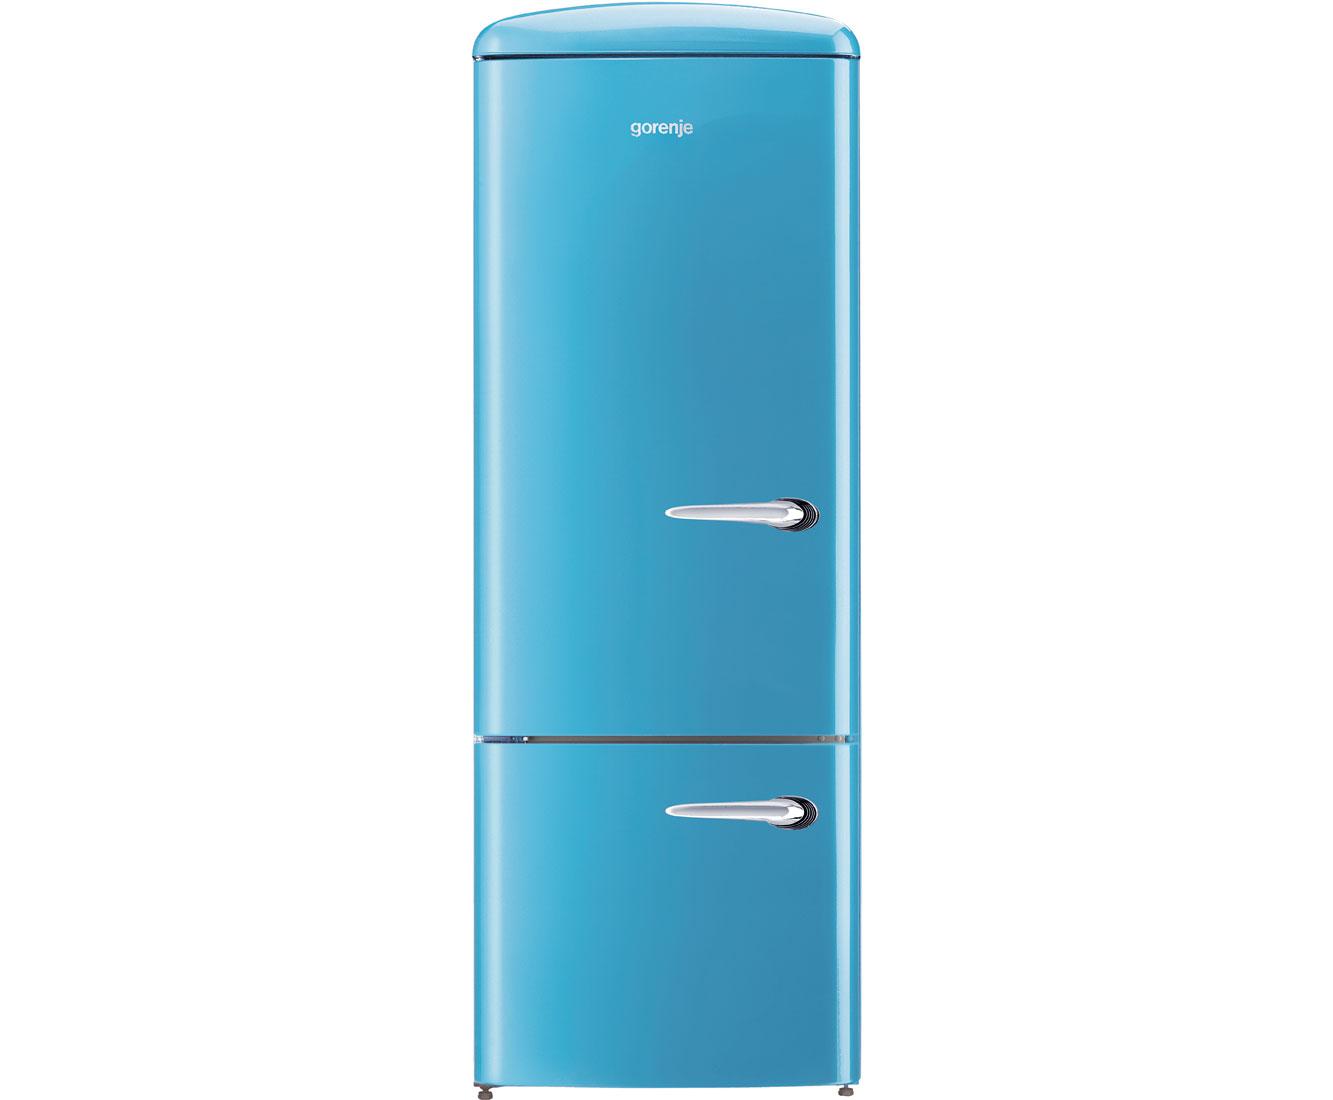 Retro Kühlschrank Gefrierkombination : Gorenje rk obl l kühl gefrierkombination er breite